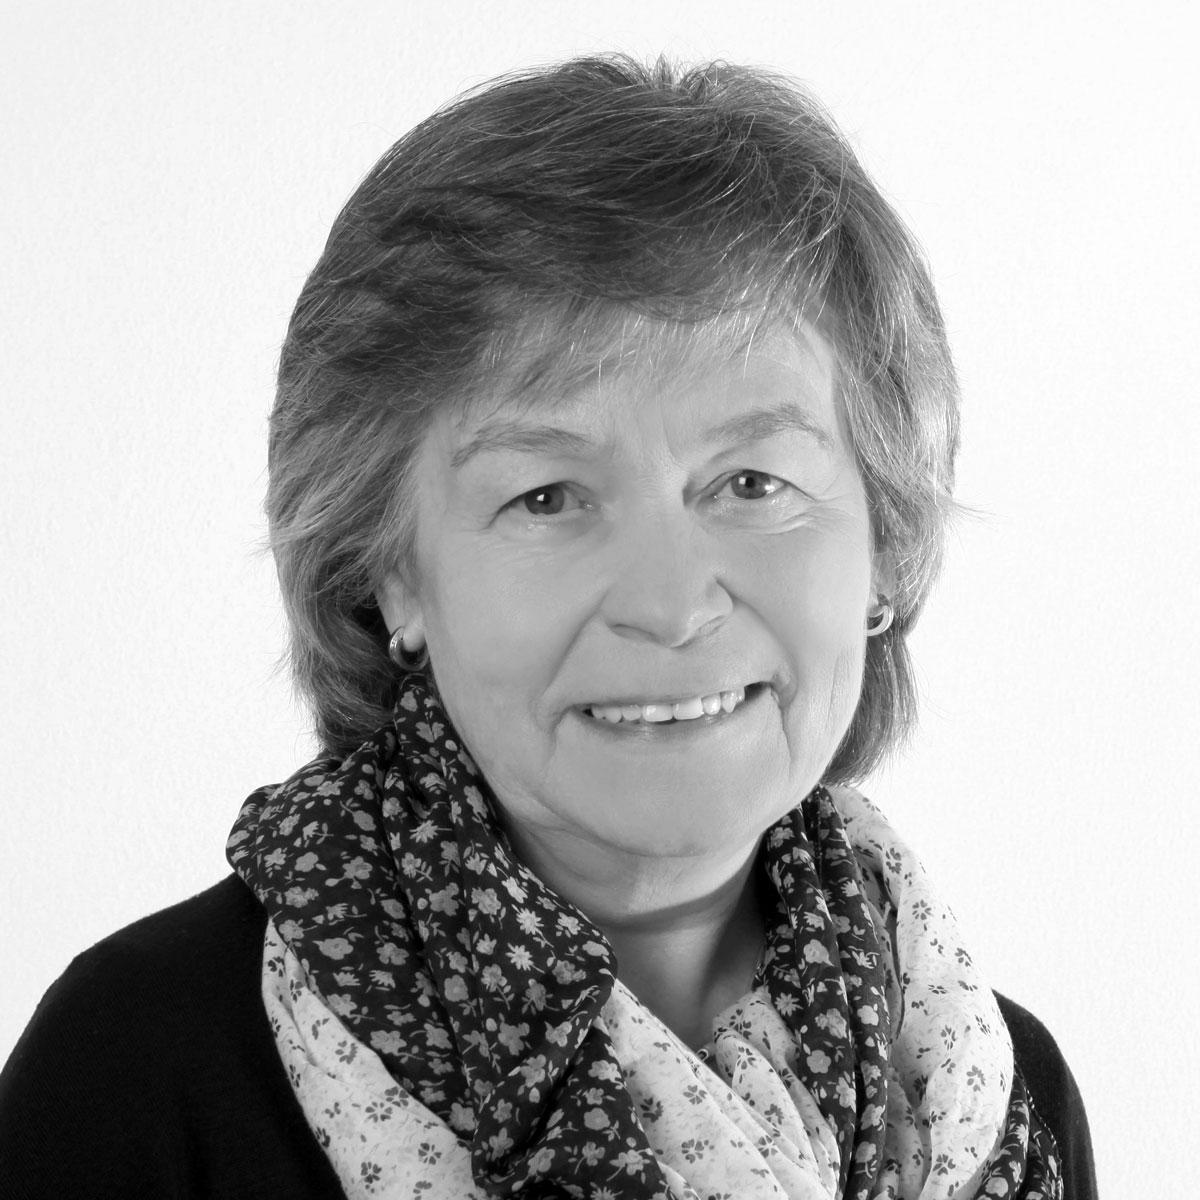 Cornelia Hilbert